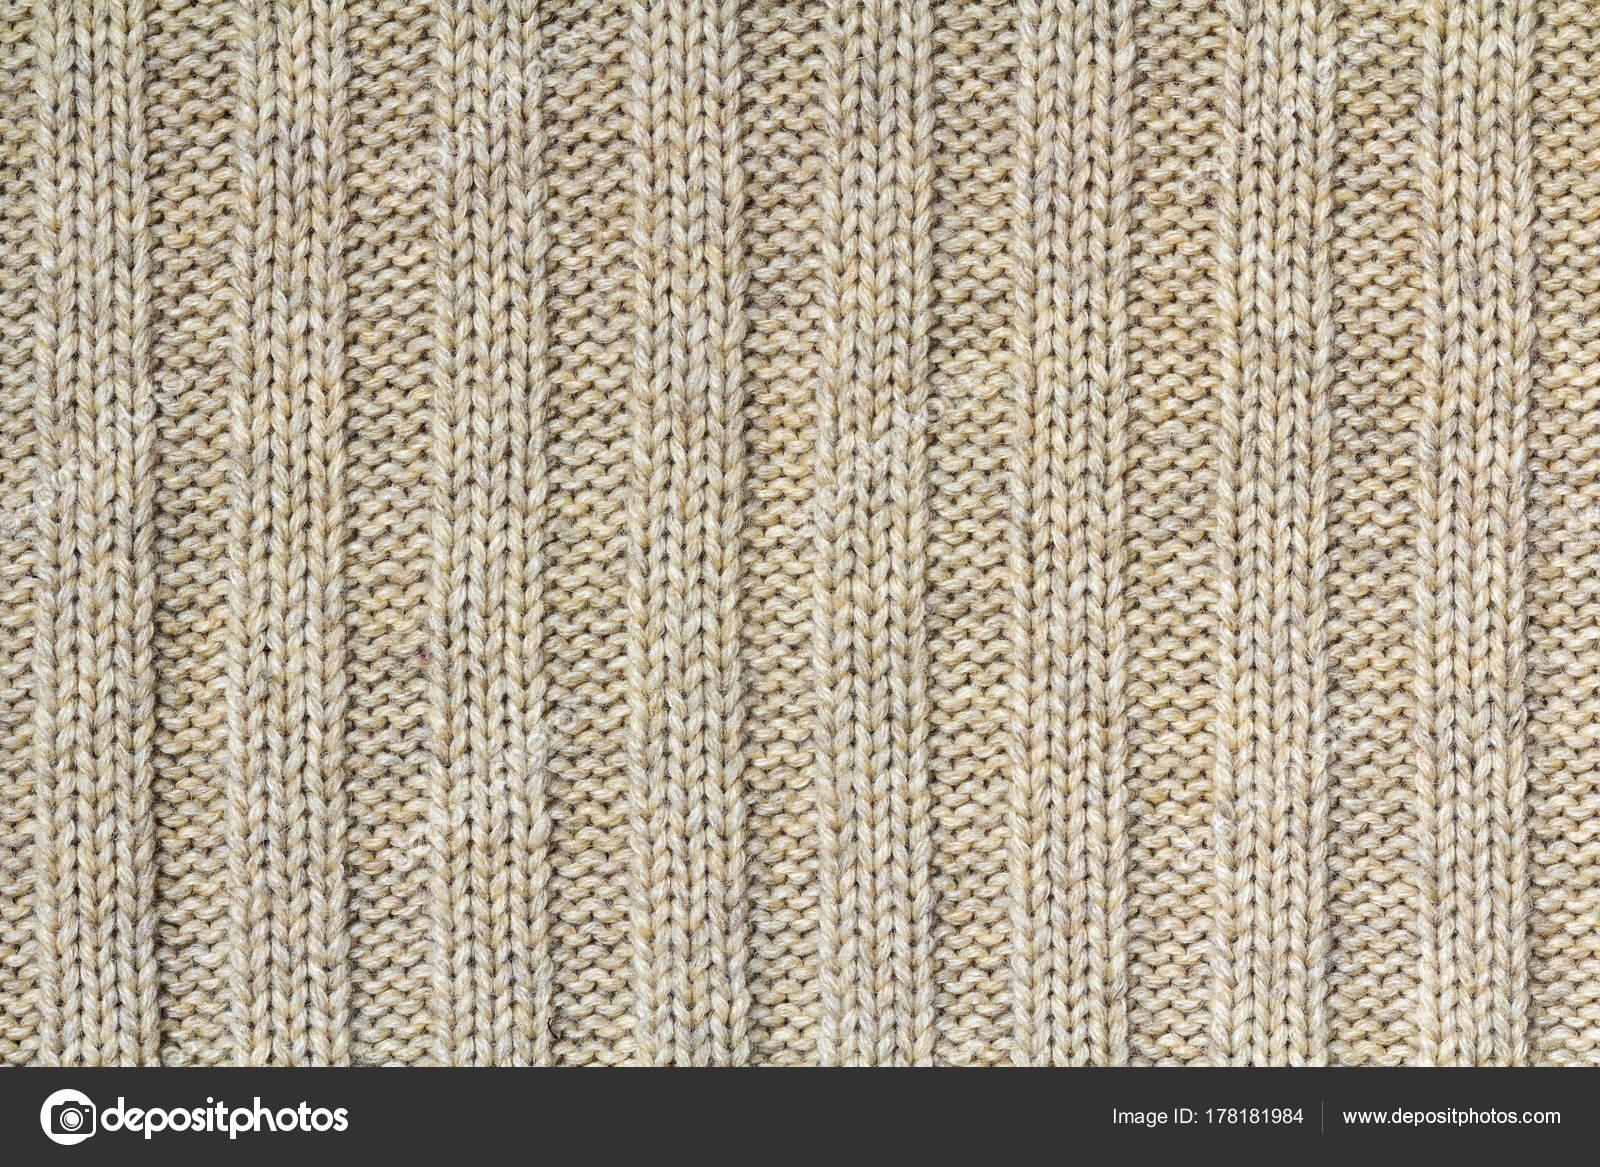 Textura de fondo de patrón de color beige de punto tejido de cotto ...